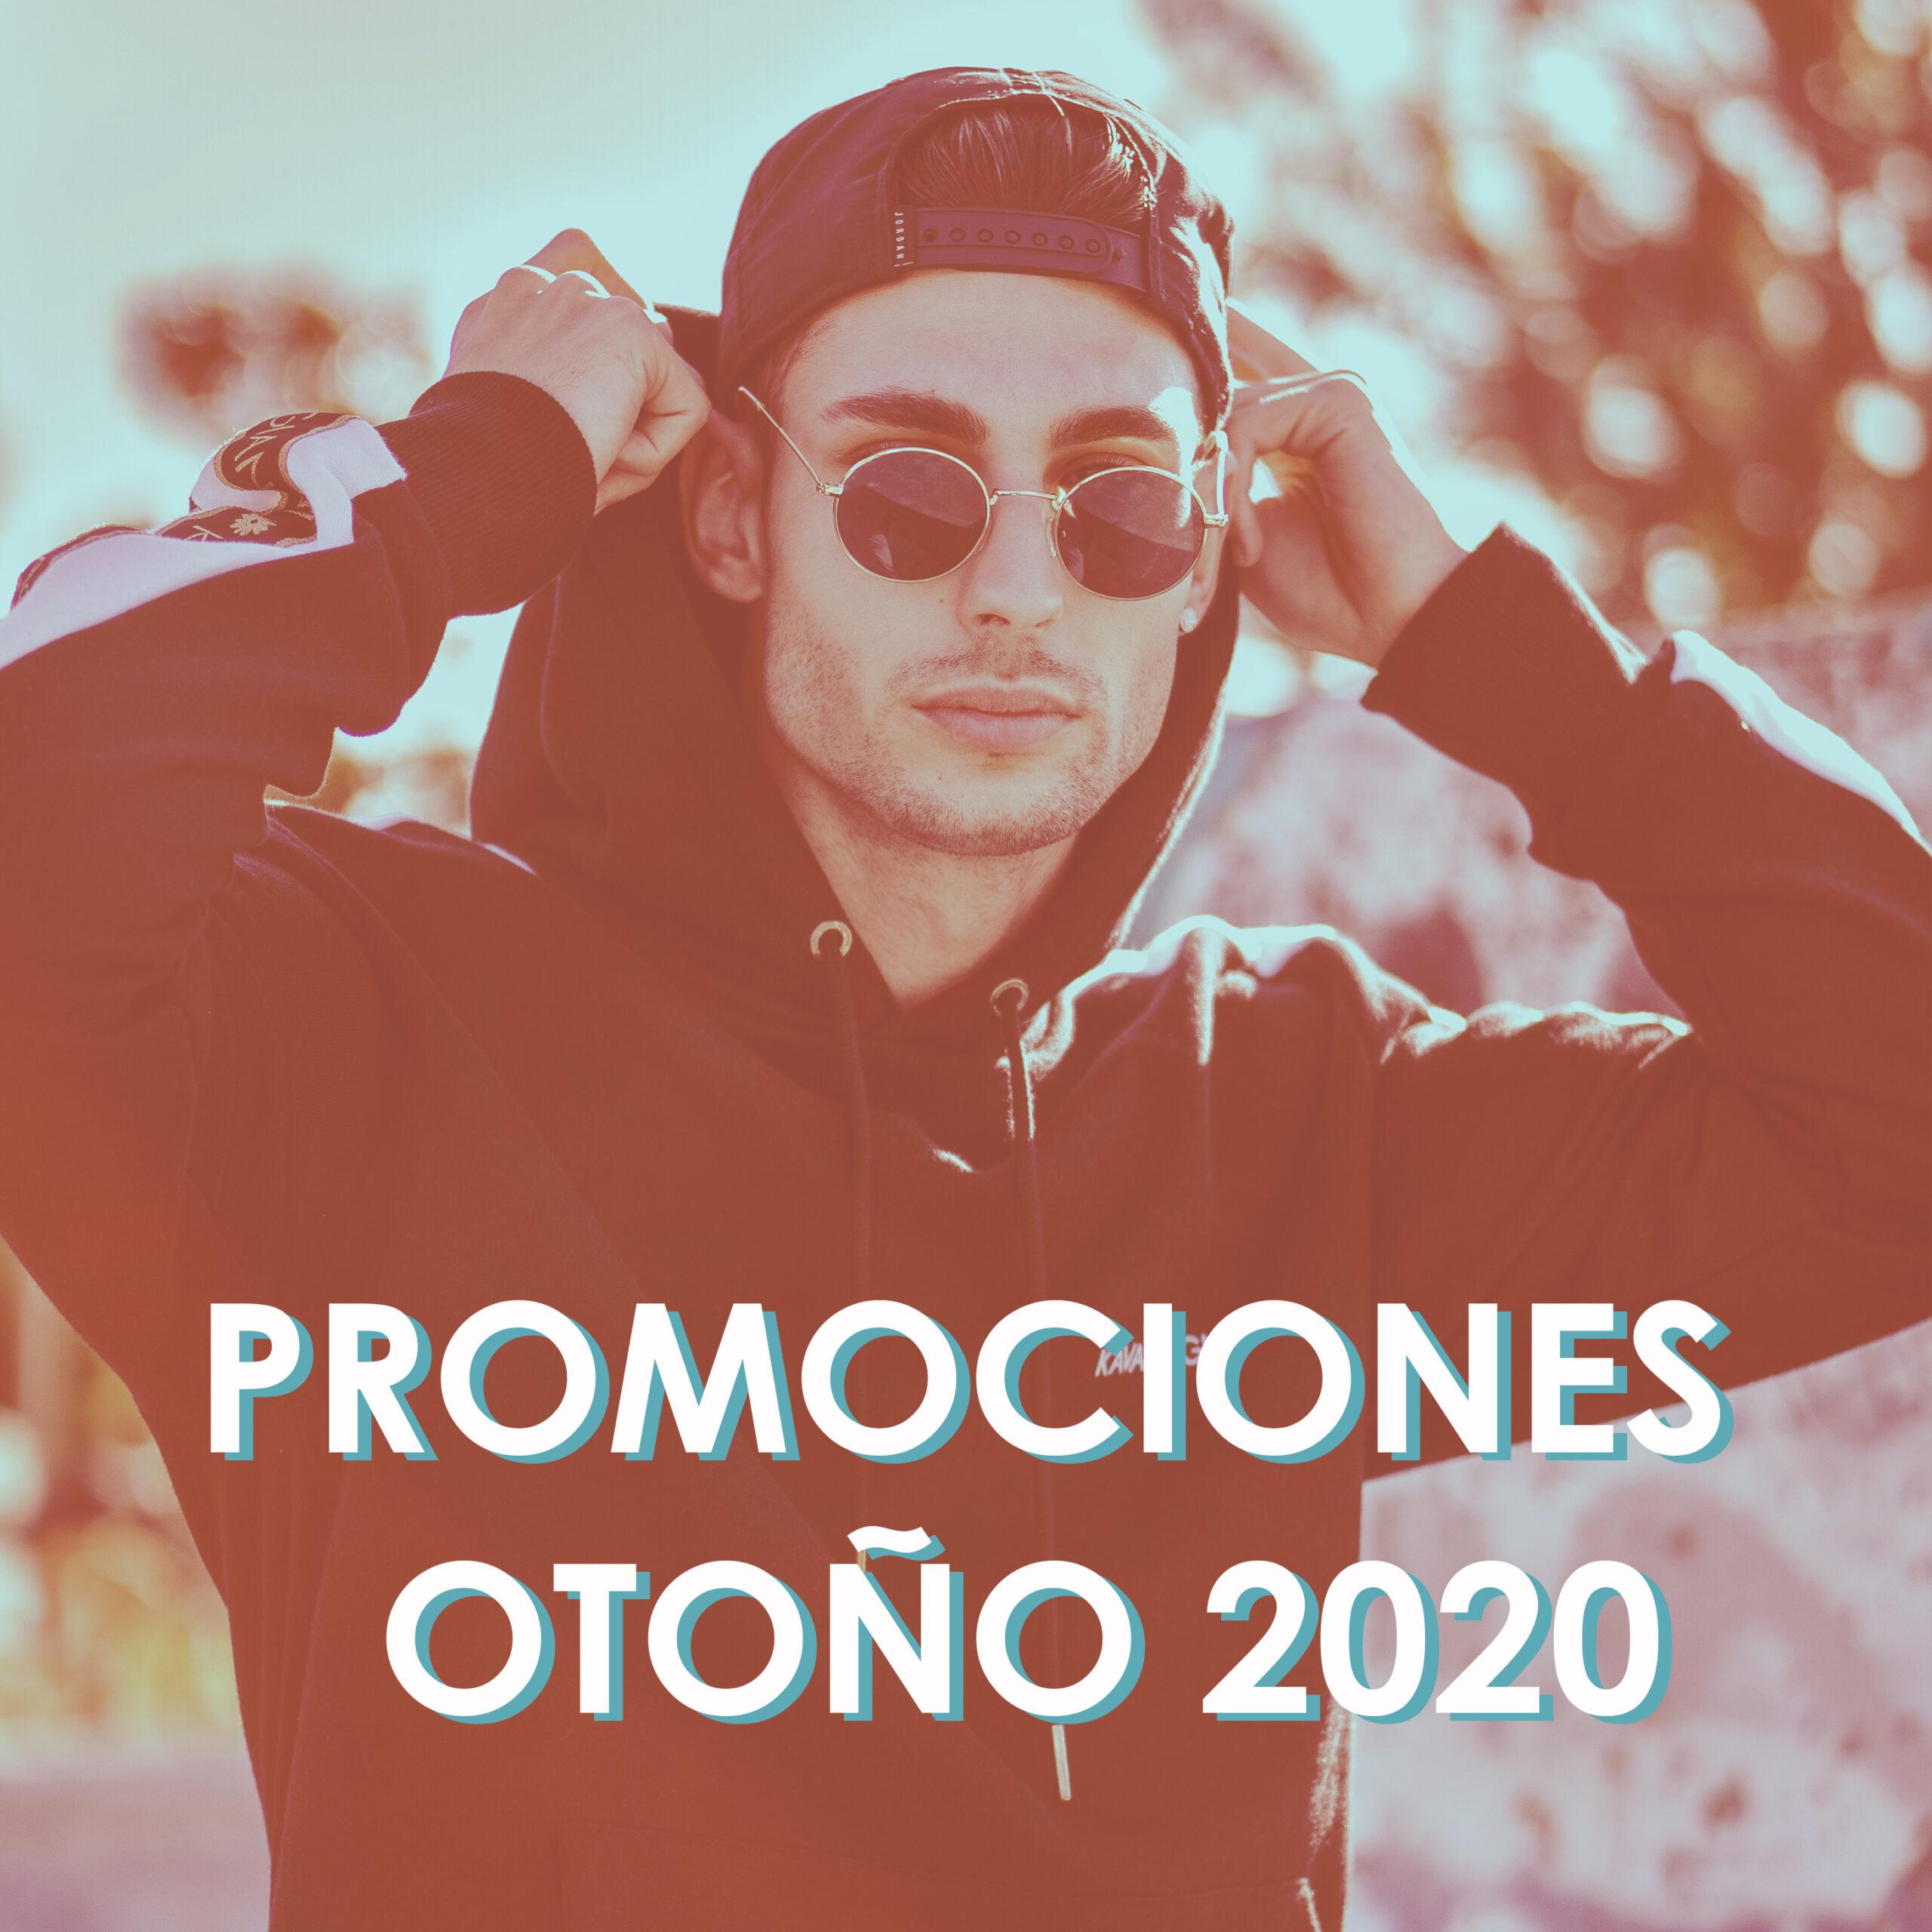 Promociones para Otoño 2020